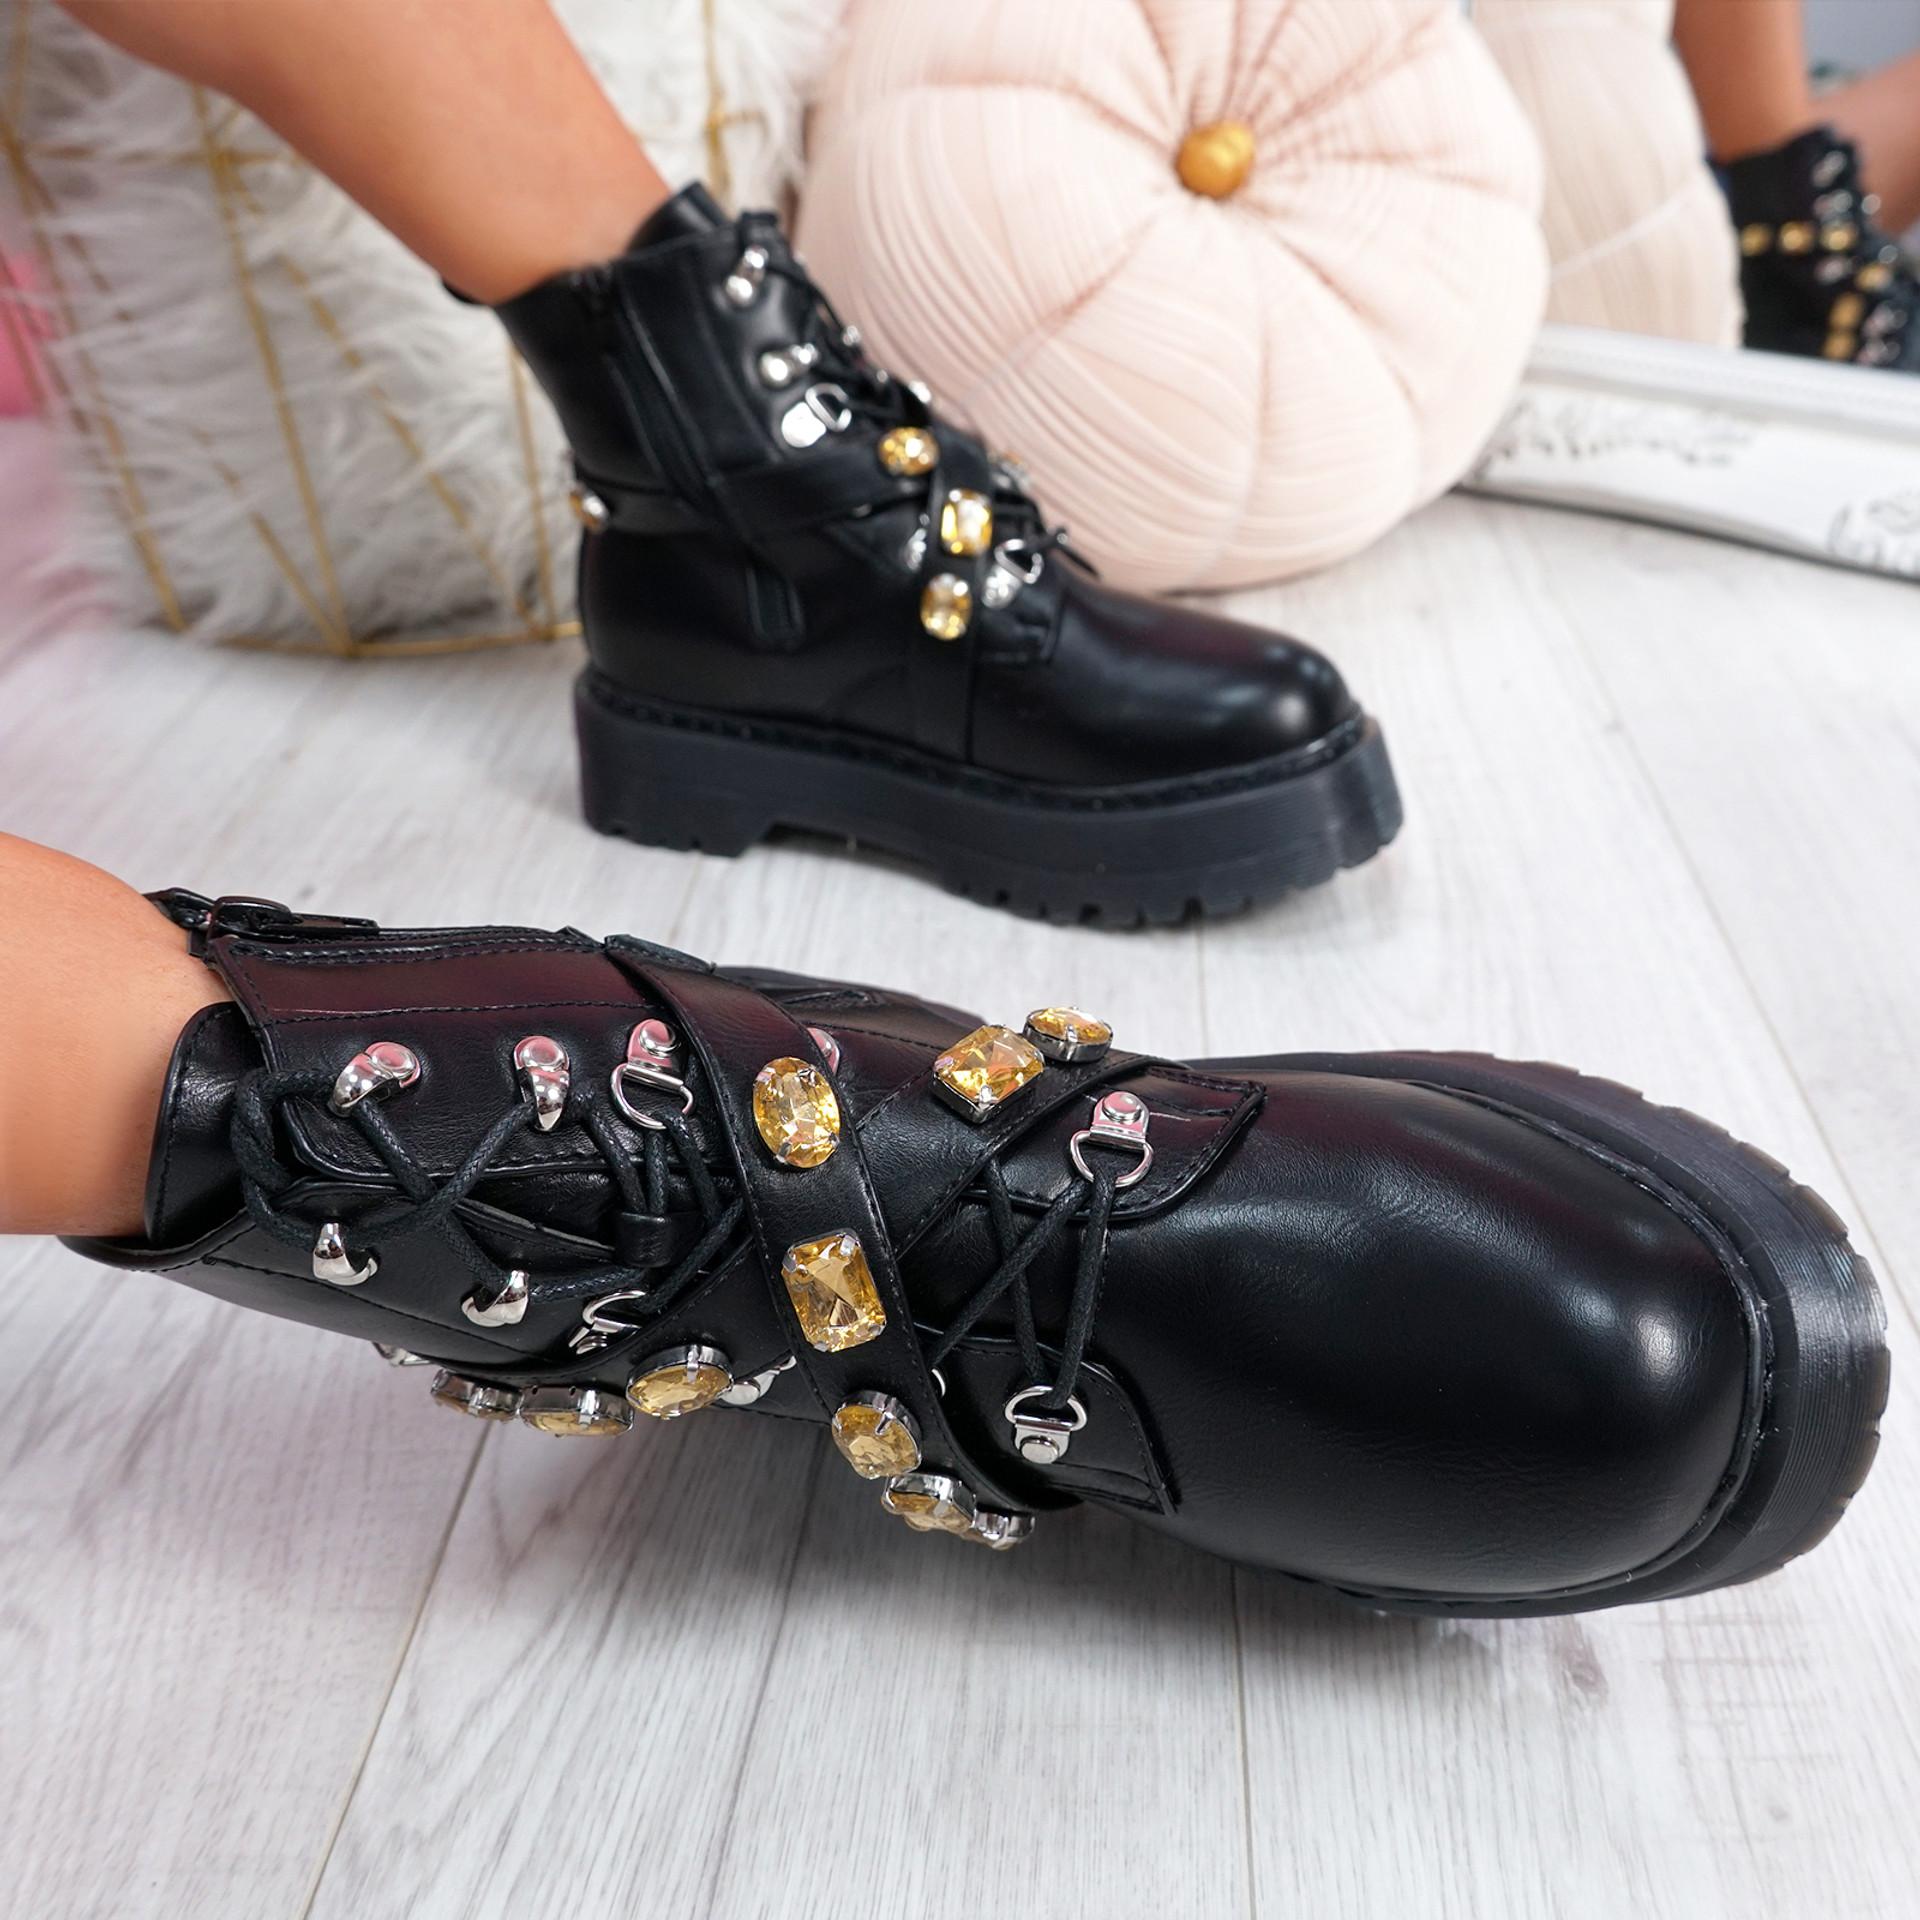 Kessi Black Rhinestone Ankle Boots